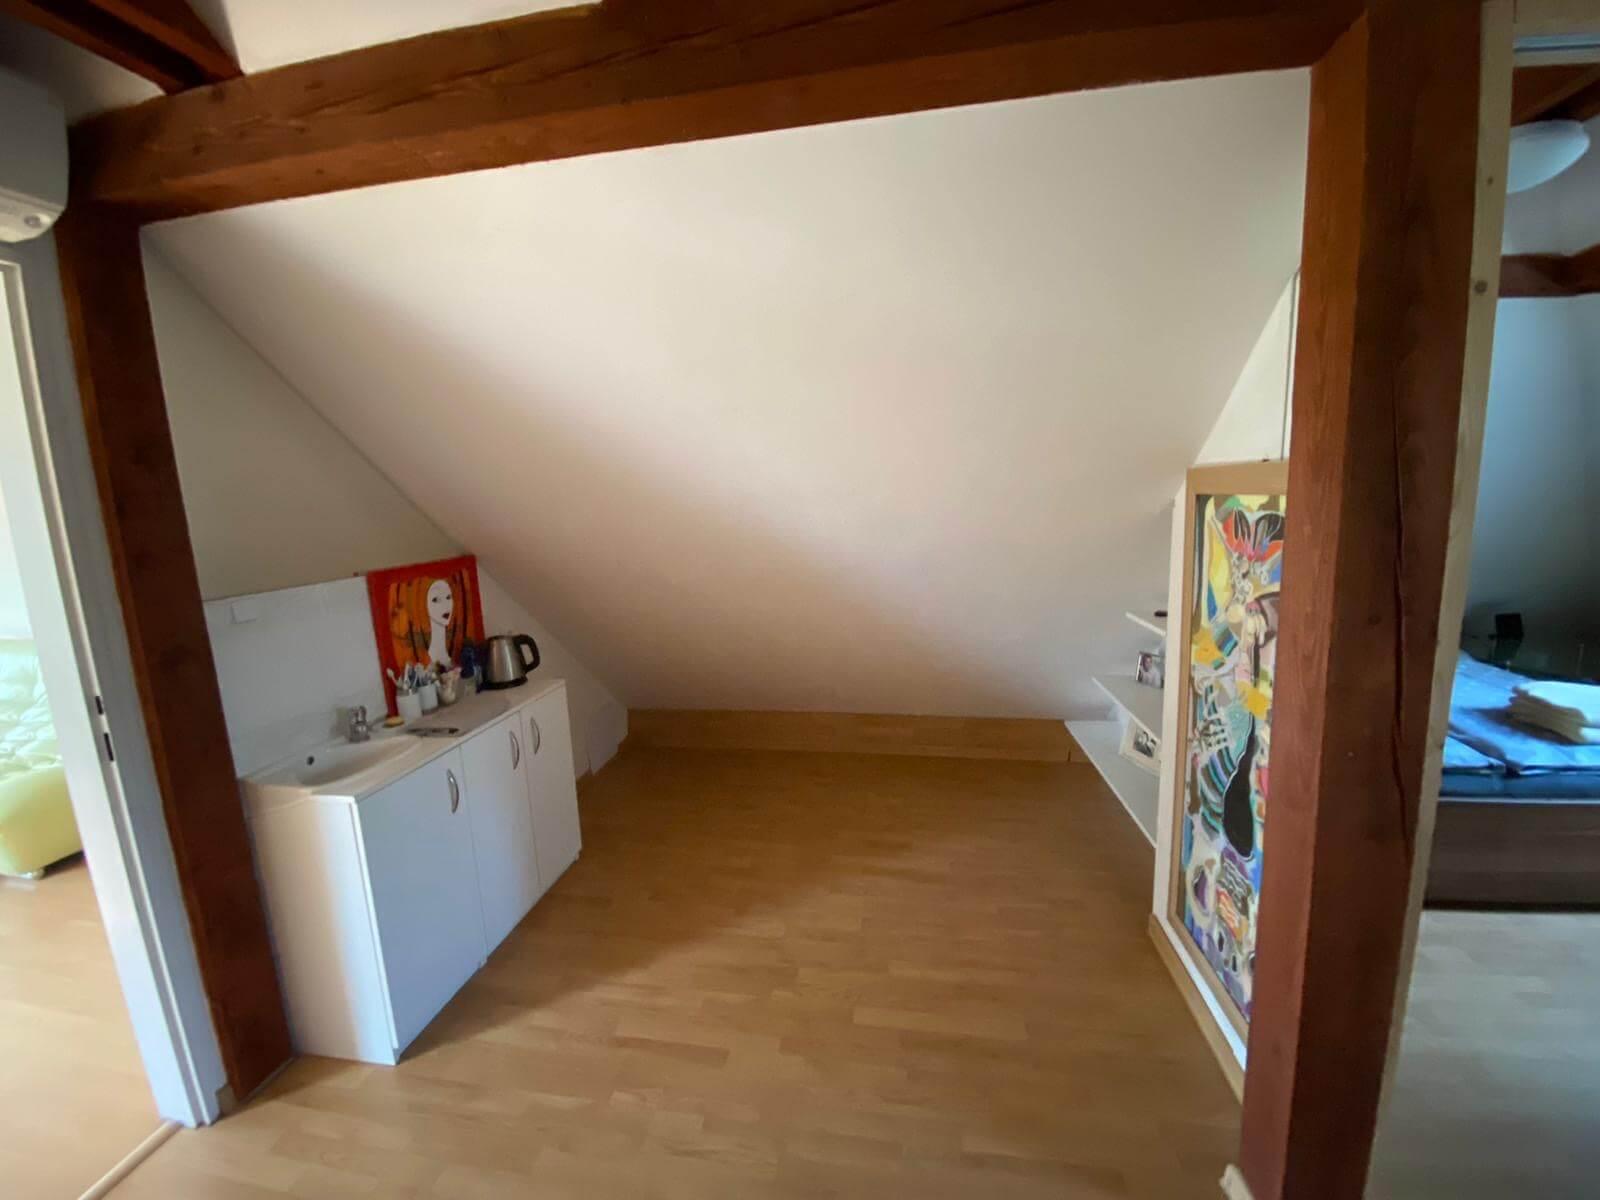 Predané: Predaj Rodinný dom v Šoporni, v tichej lokalite, pozemok 674m2, úžitková plocha 181m2,záhrada, kôlňa-26